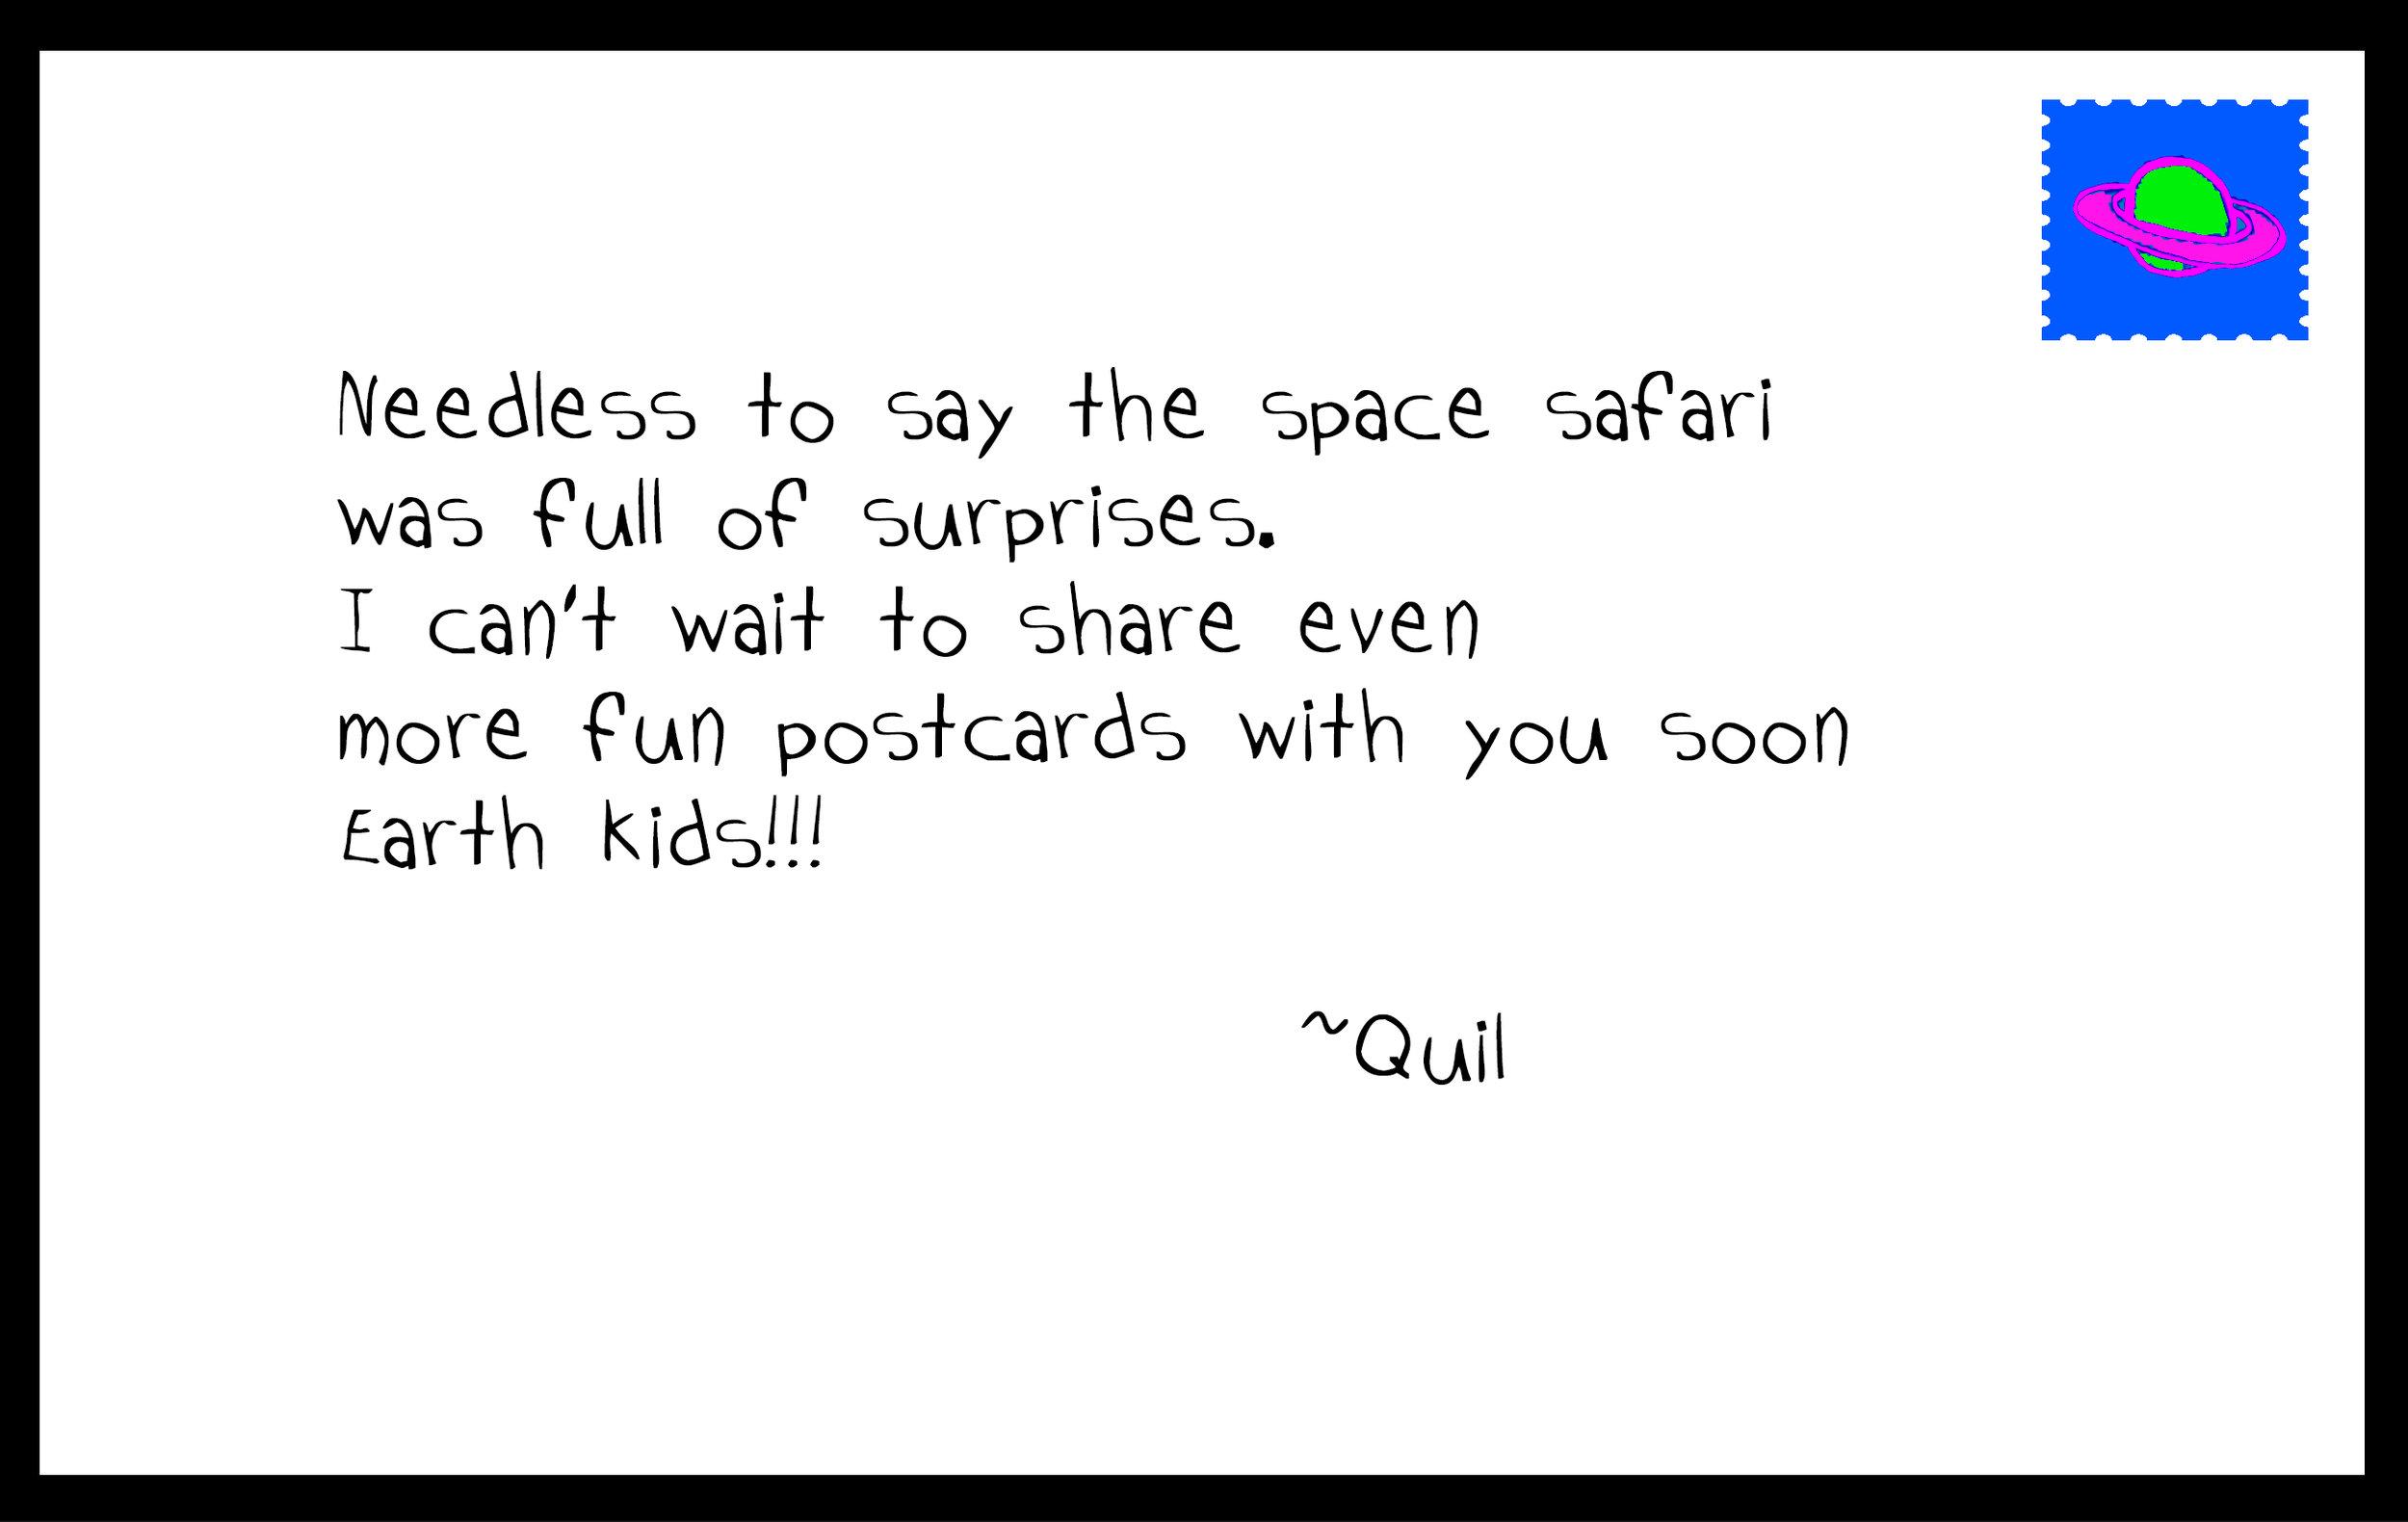 quil postcars safari text 3.jpg